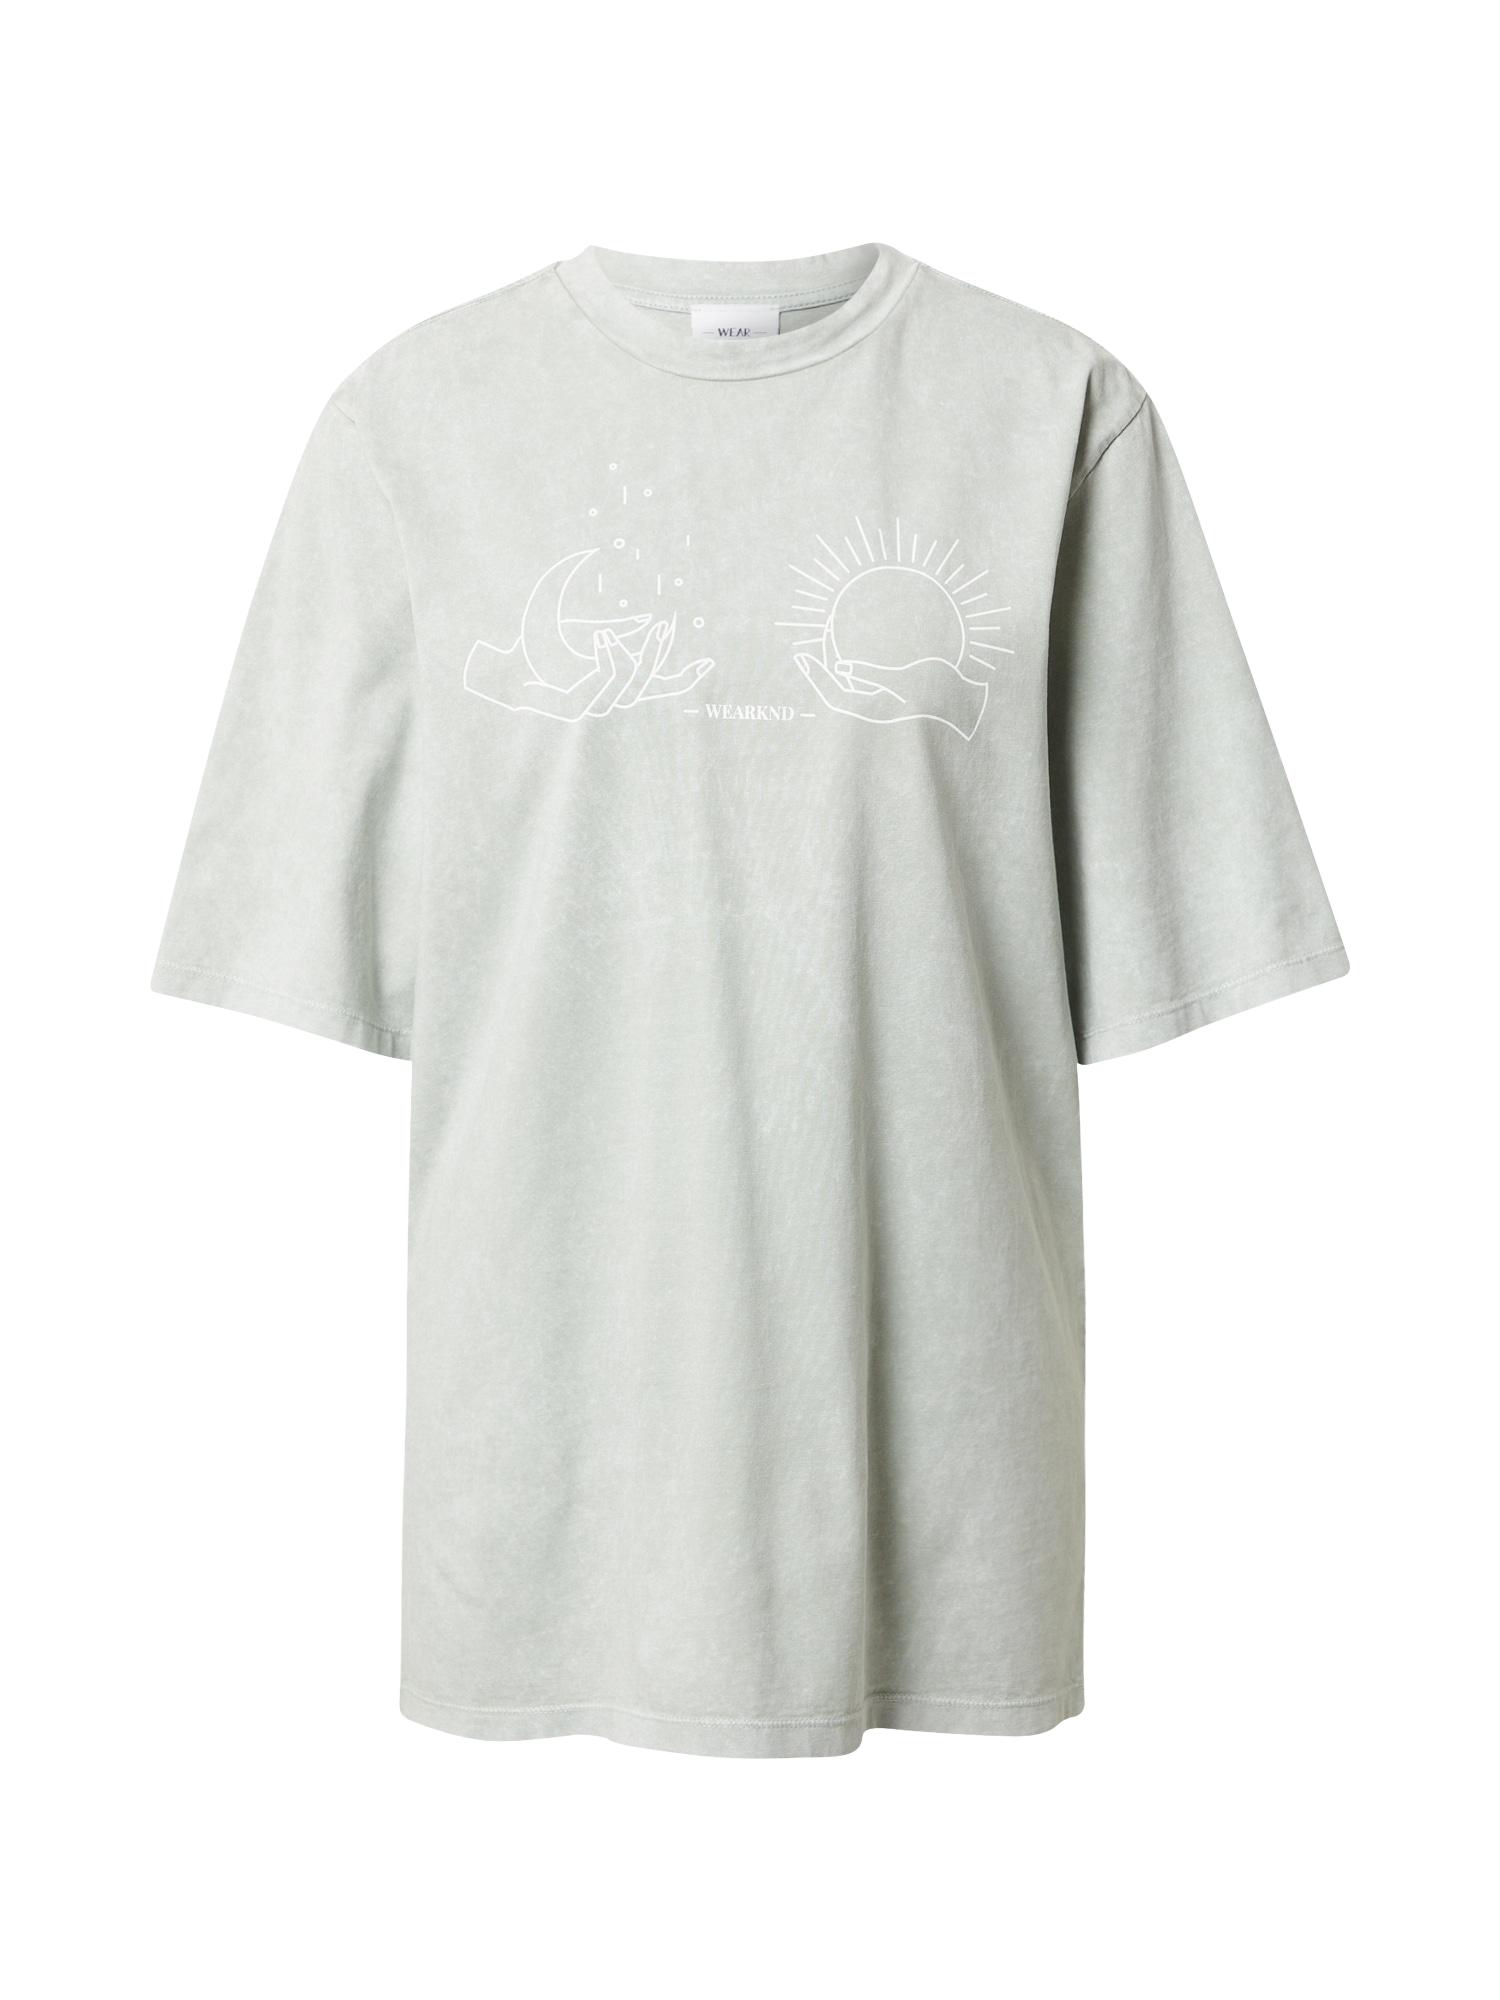 WEARKND Marškinėliai pastelinė žalia / balta